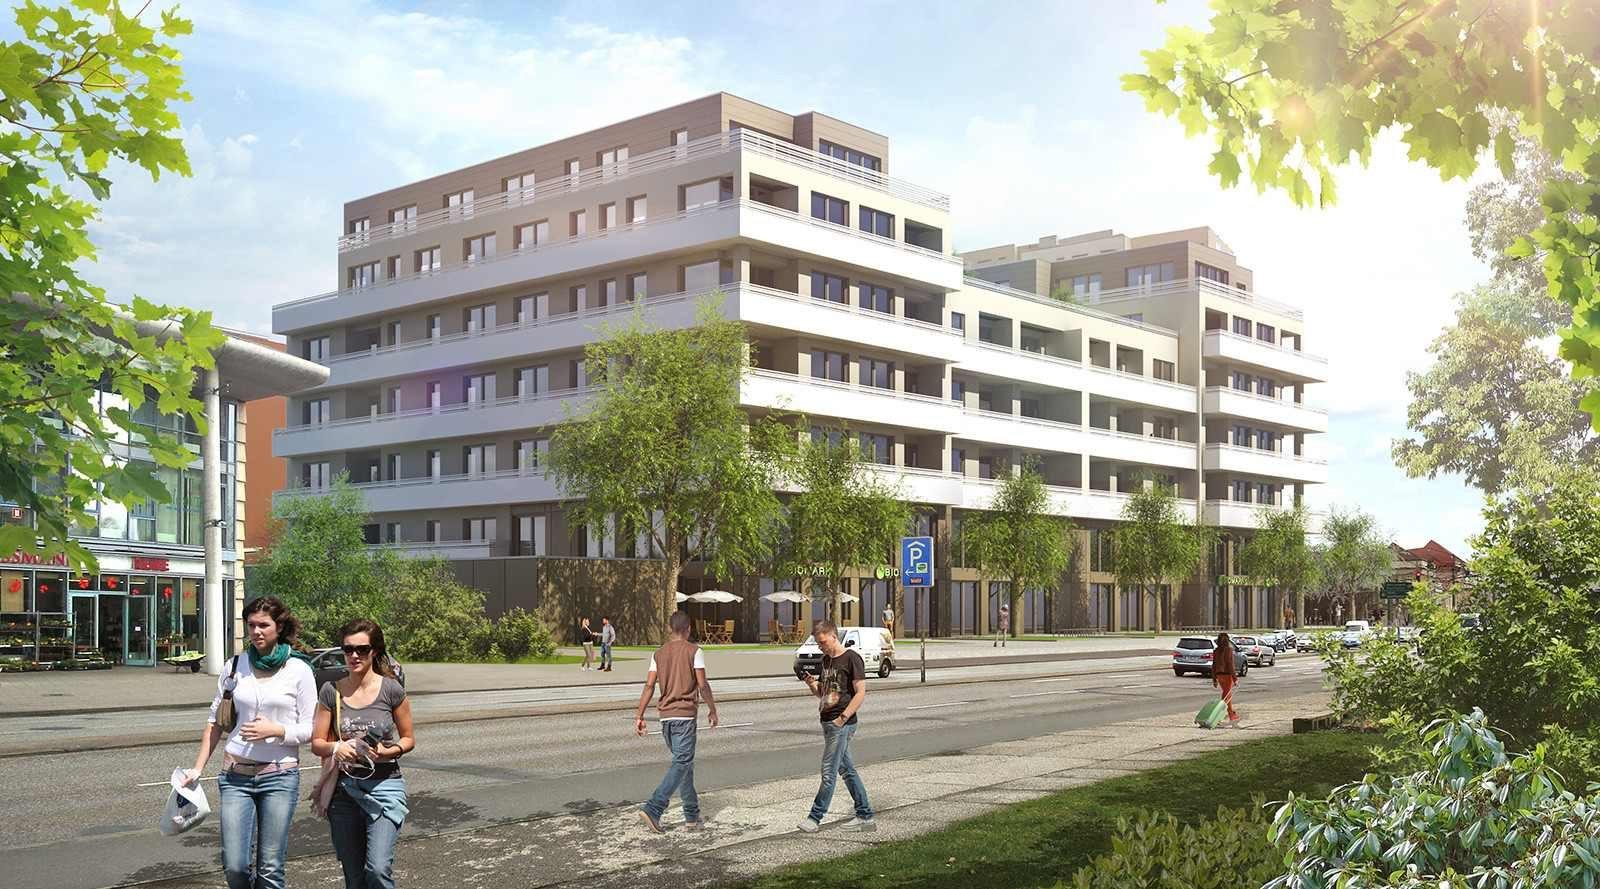 Ansicht Hauptstraße - Potsdam - Architekturvisualisierung  Aussen